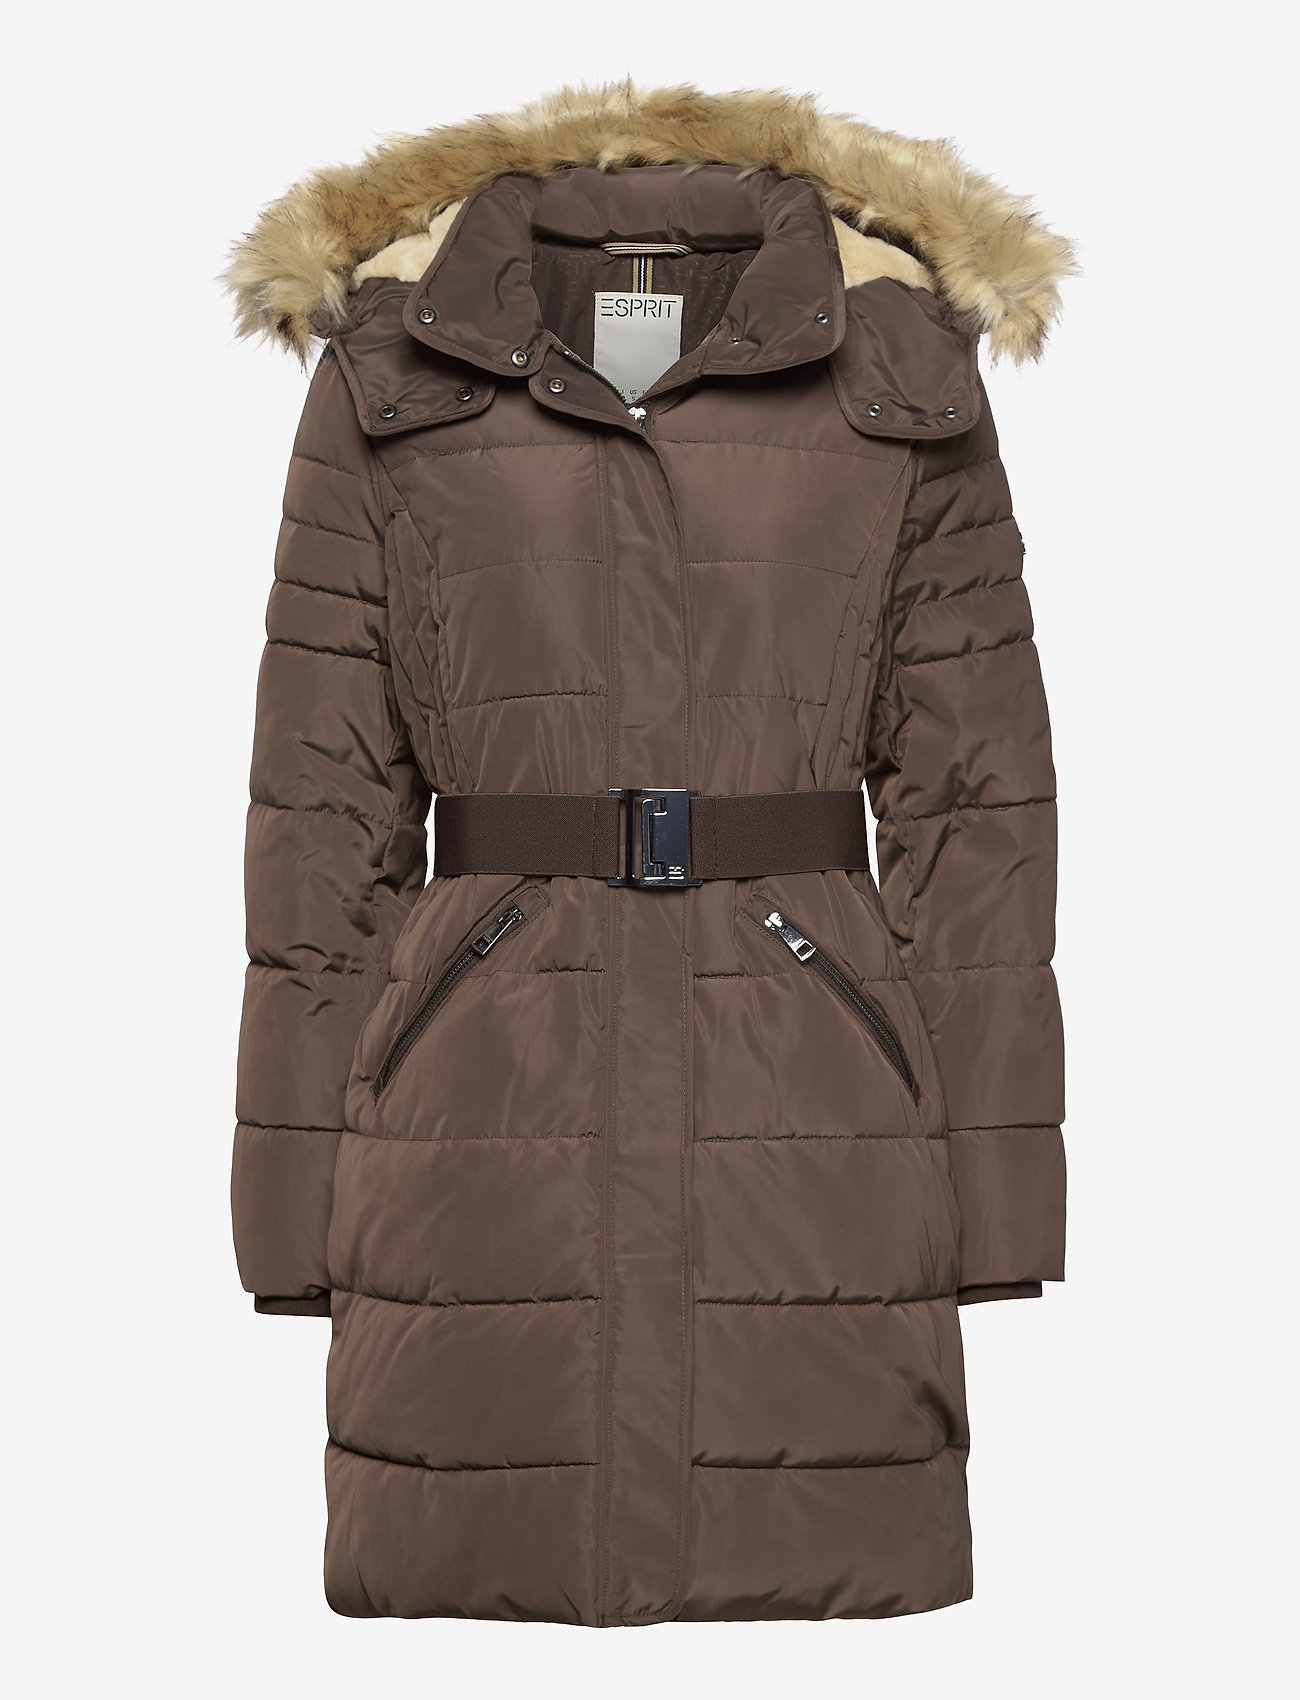 Esprit Casual - Coats woven - manteaux d'hiver - dark brown - 0